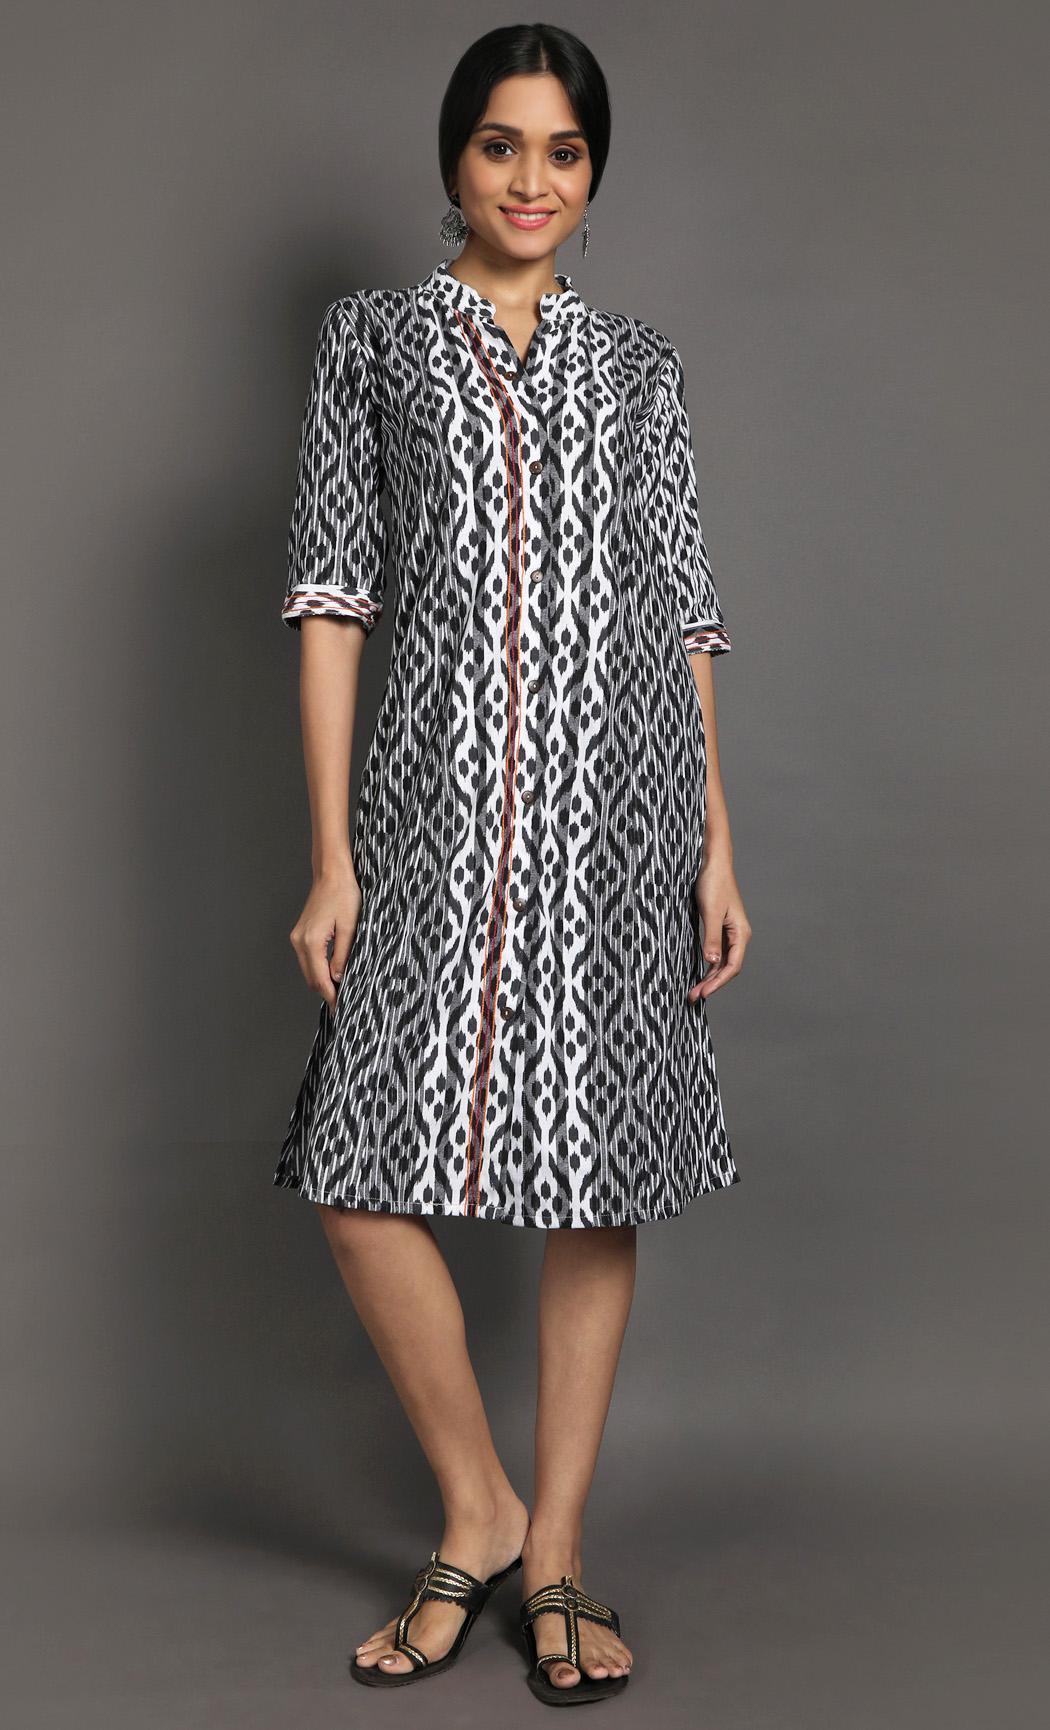 Black & White Ikkat Dress. Buy Online